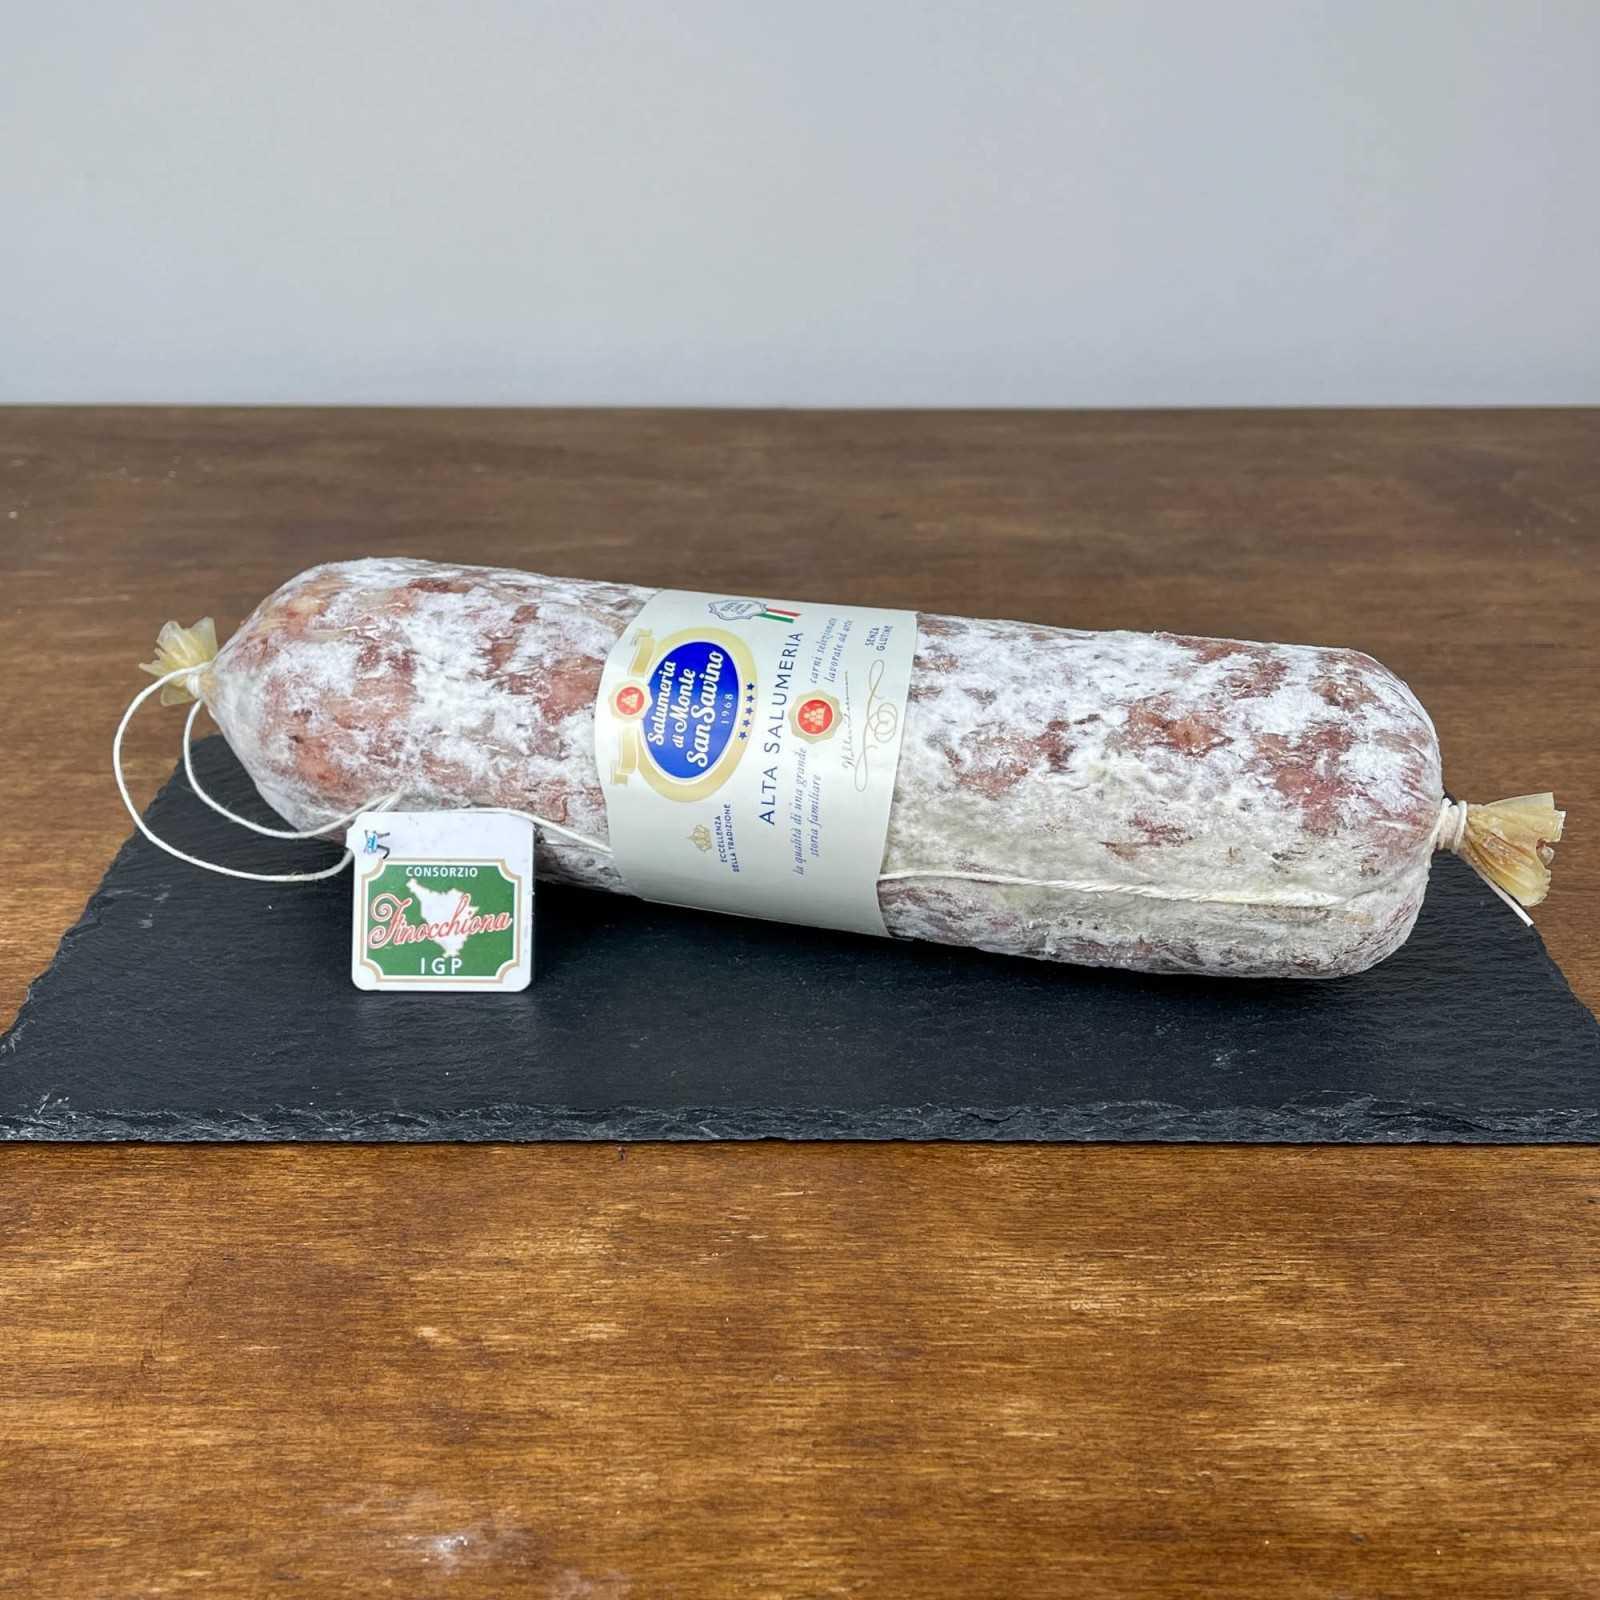 PGI Finocchiona (Fennel Seed Salami) - Large Natural Whole.